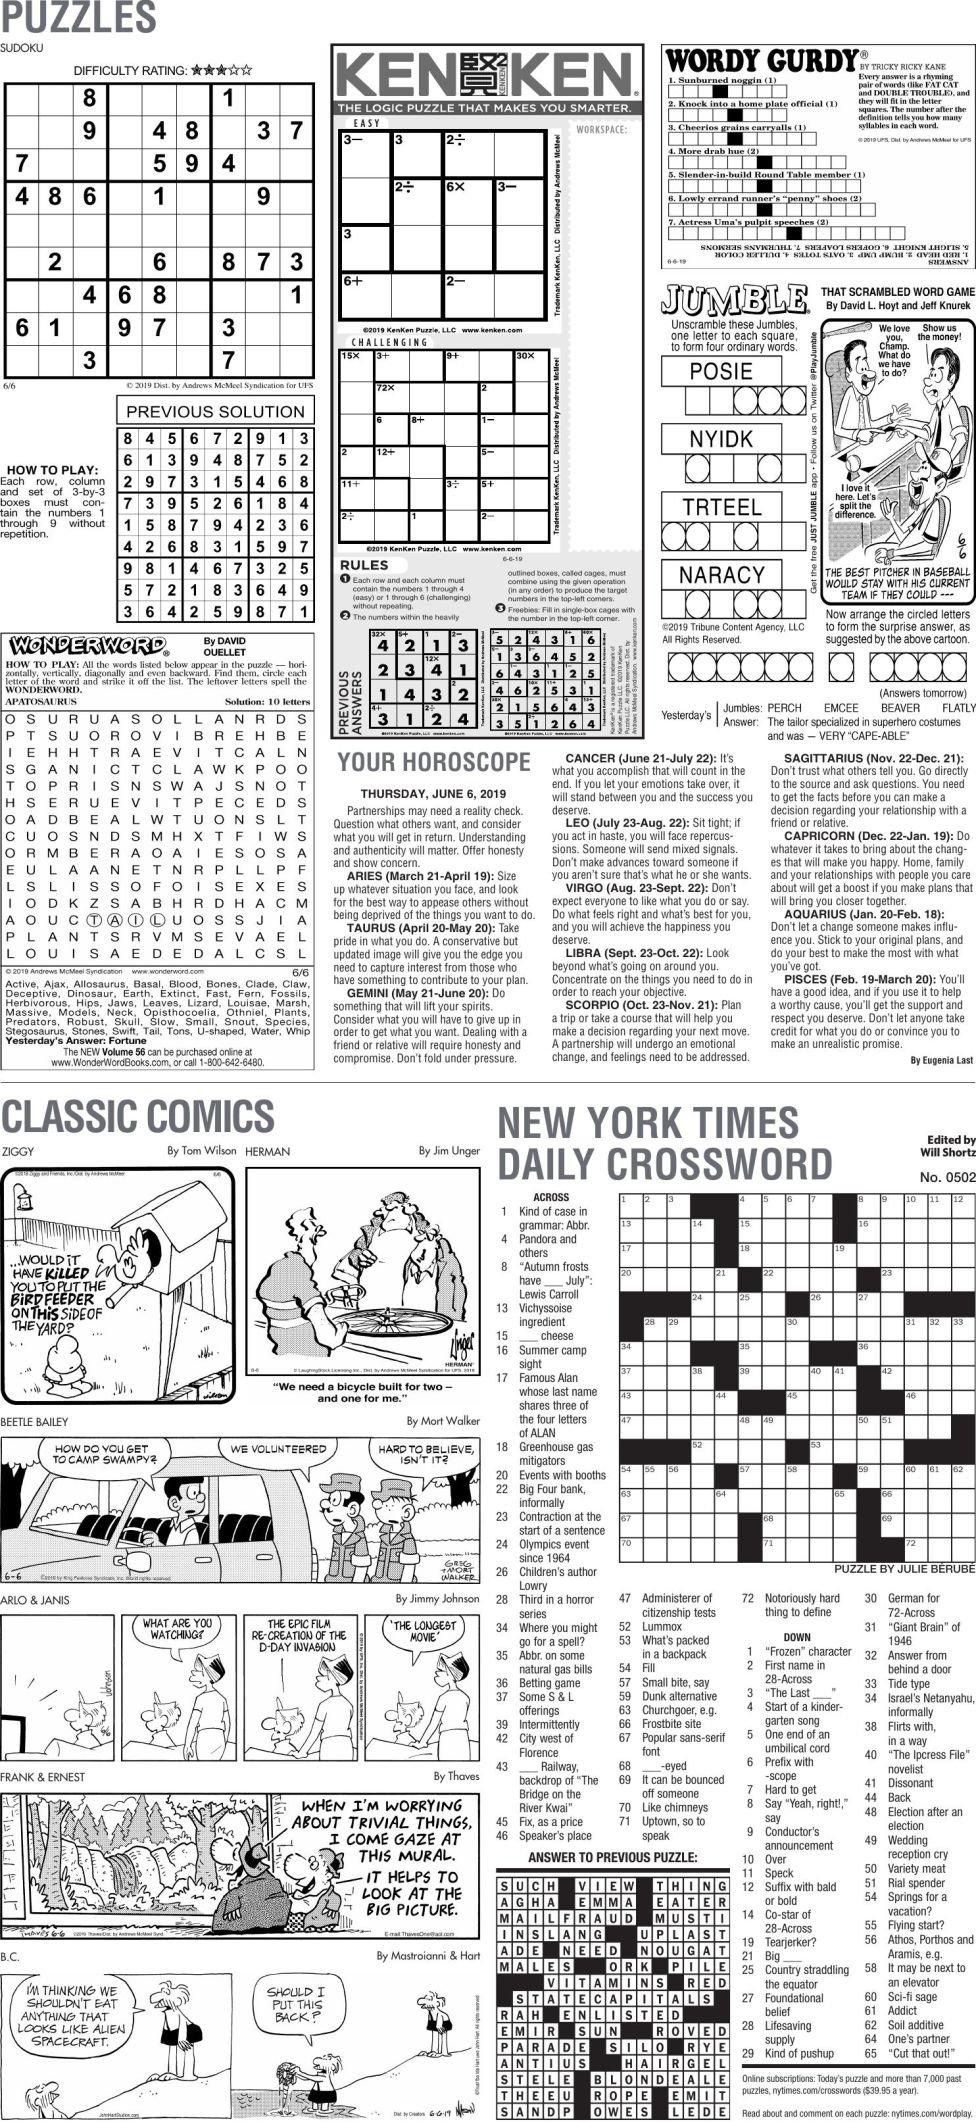 June 6, 2019 Puzzles